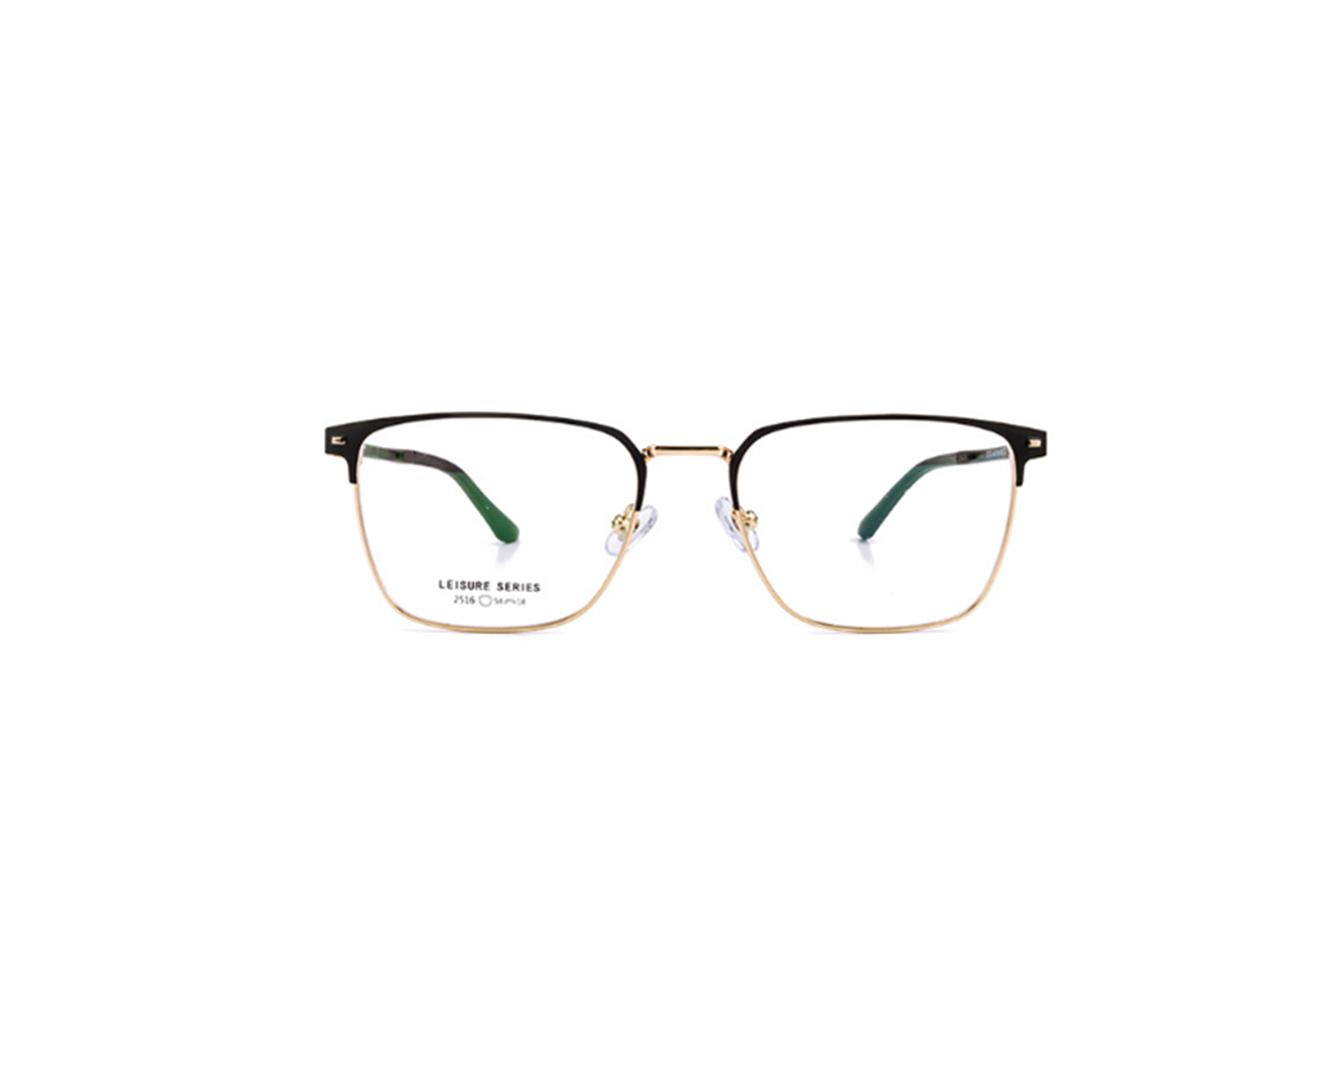 Metal Frame Clear Lens Business Glasses - Black Gold